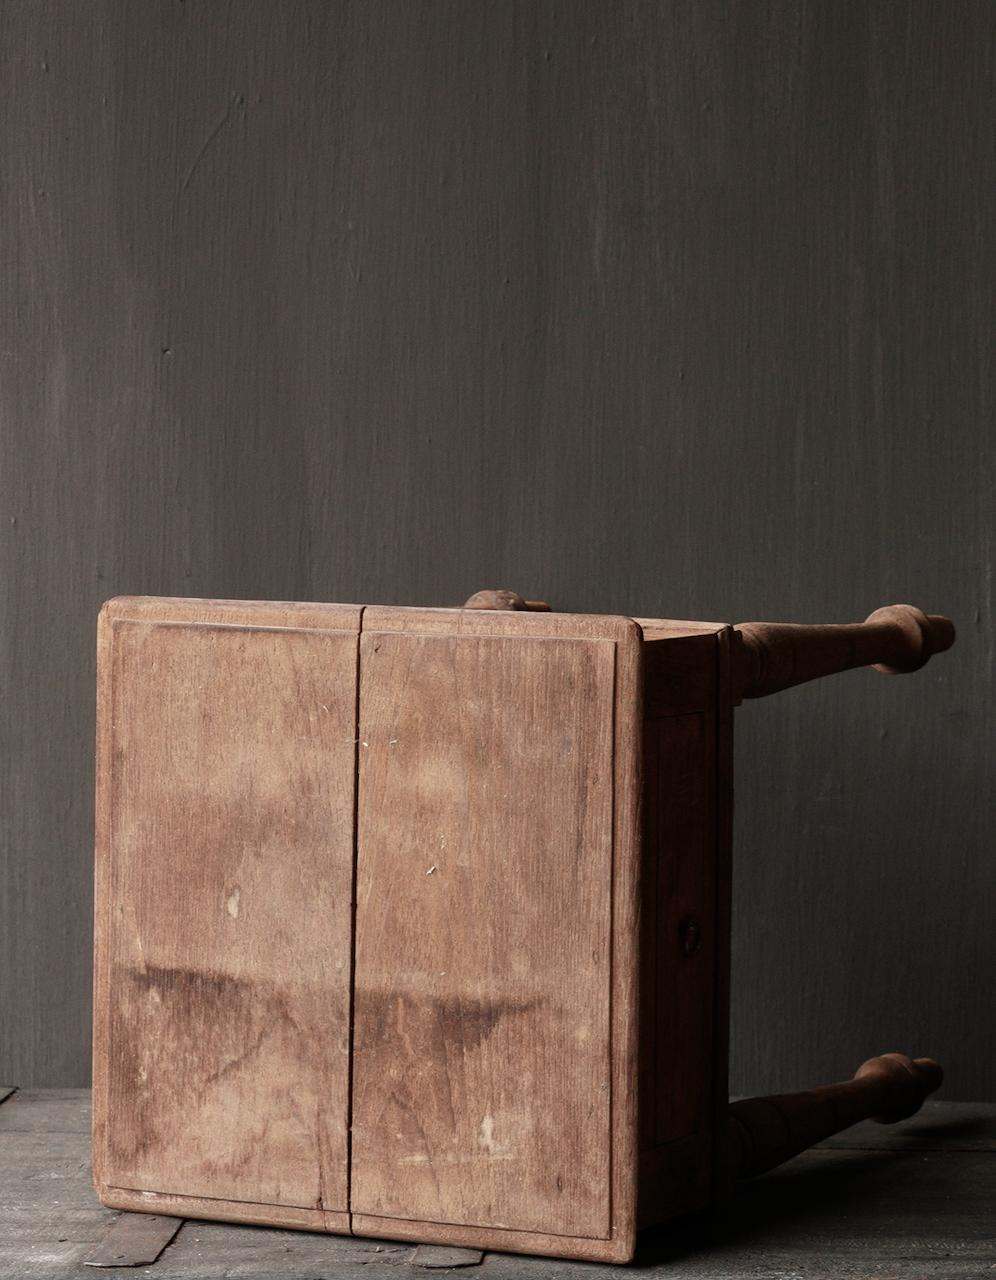 Einzigartiger alter authentischer Holzminitisch-6